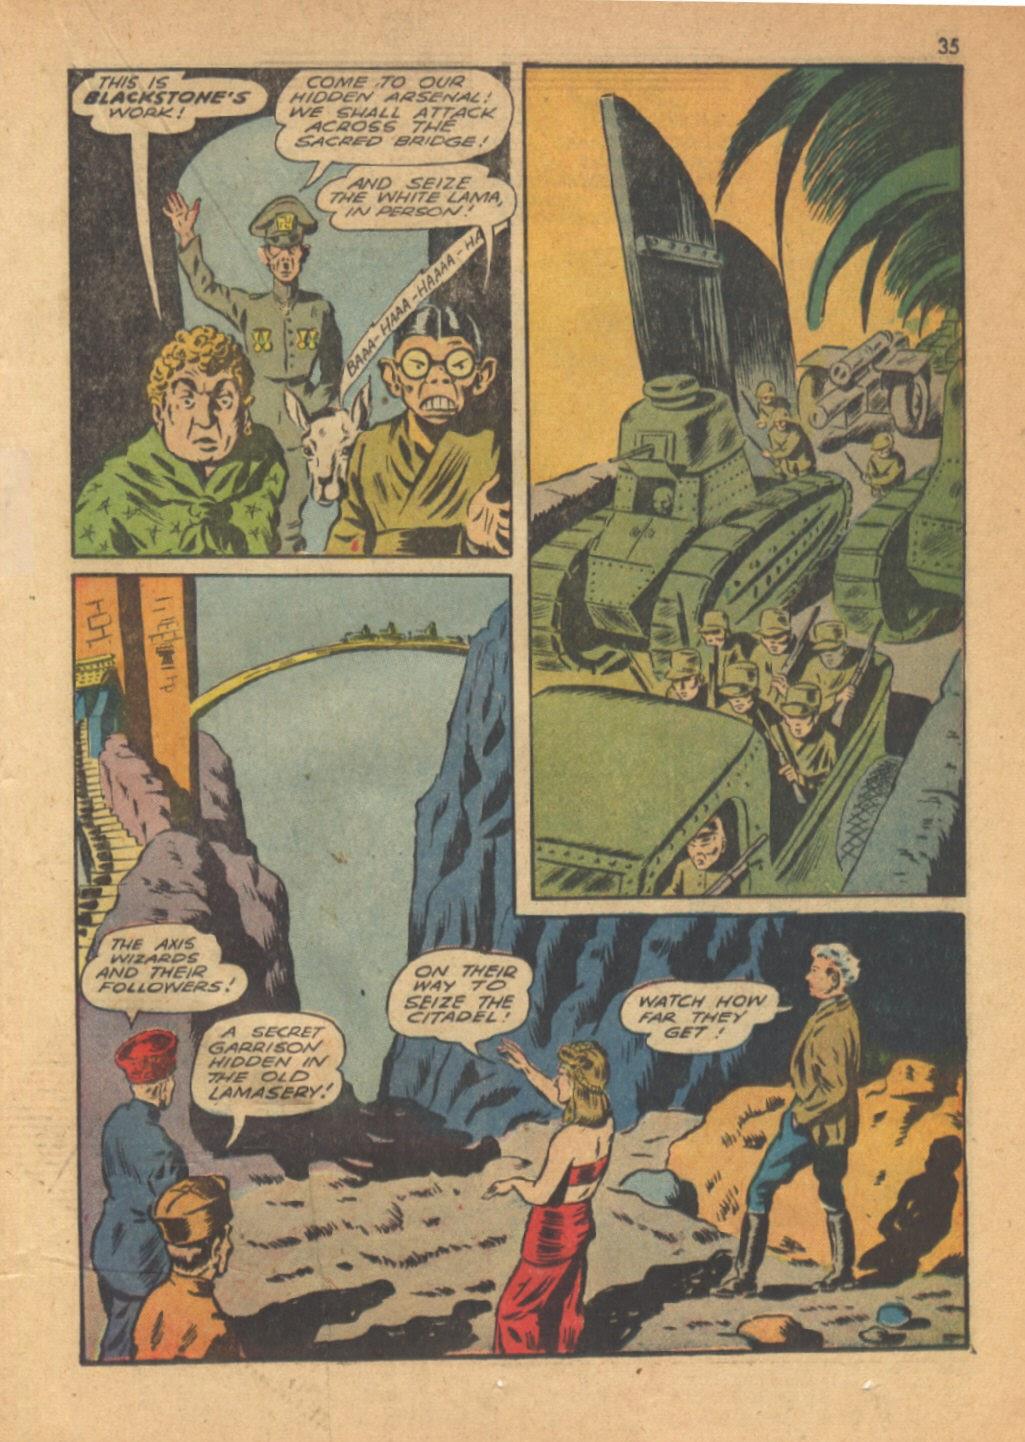 Read online Super-Magician Comics comic -  Issue #13 - 35